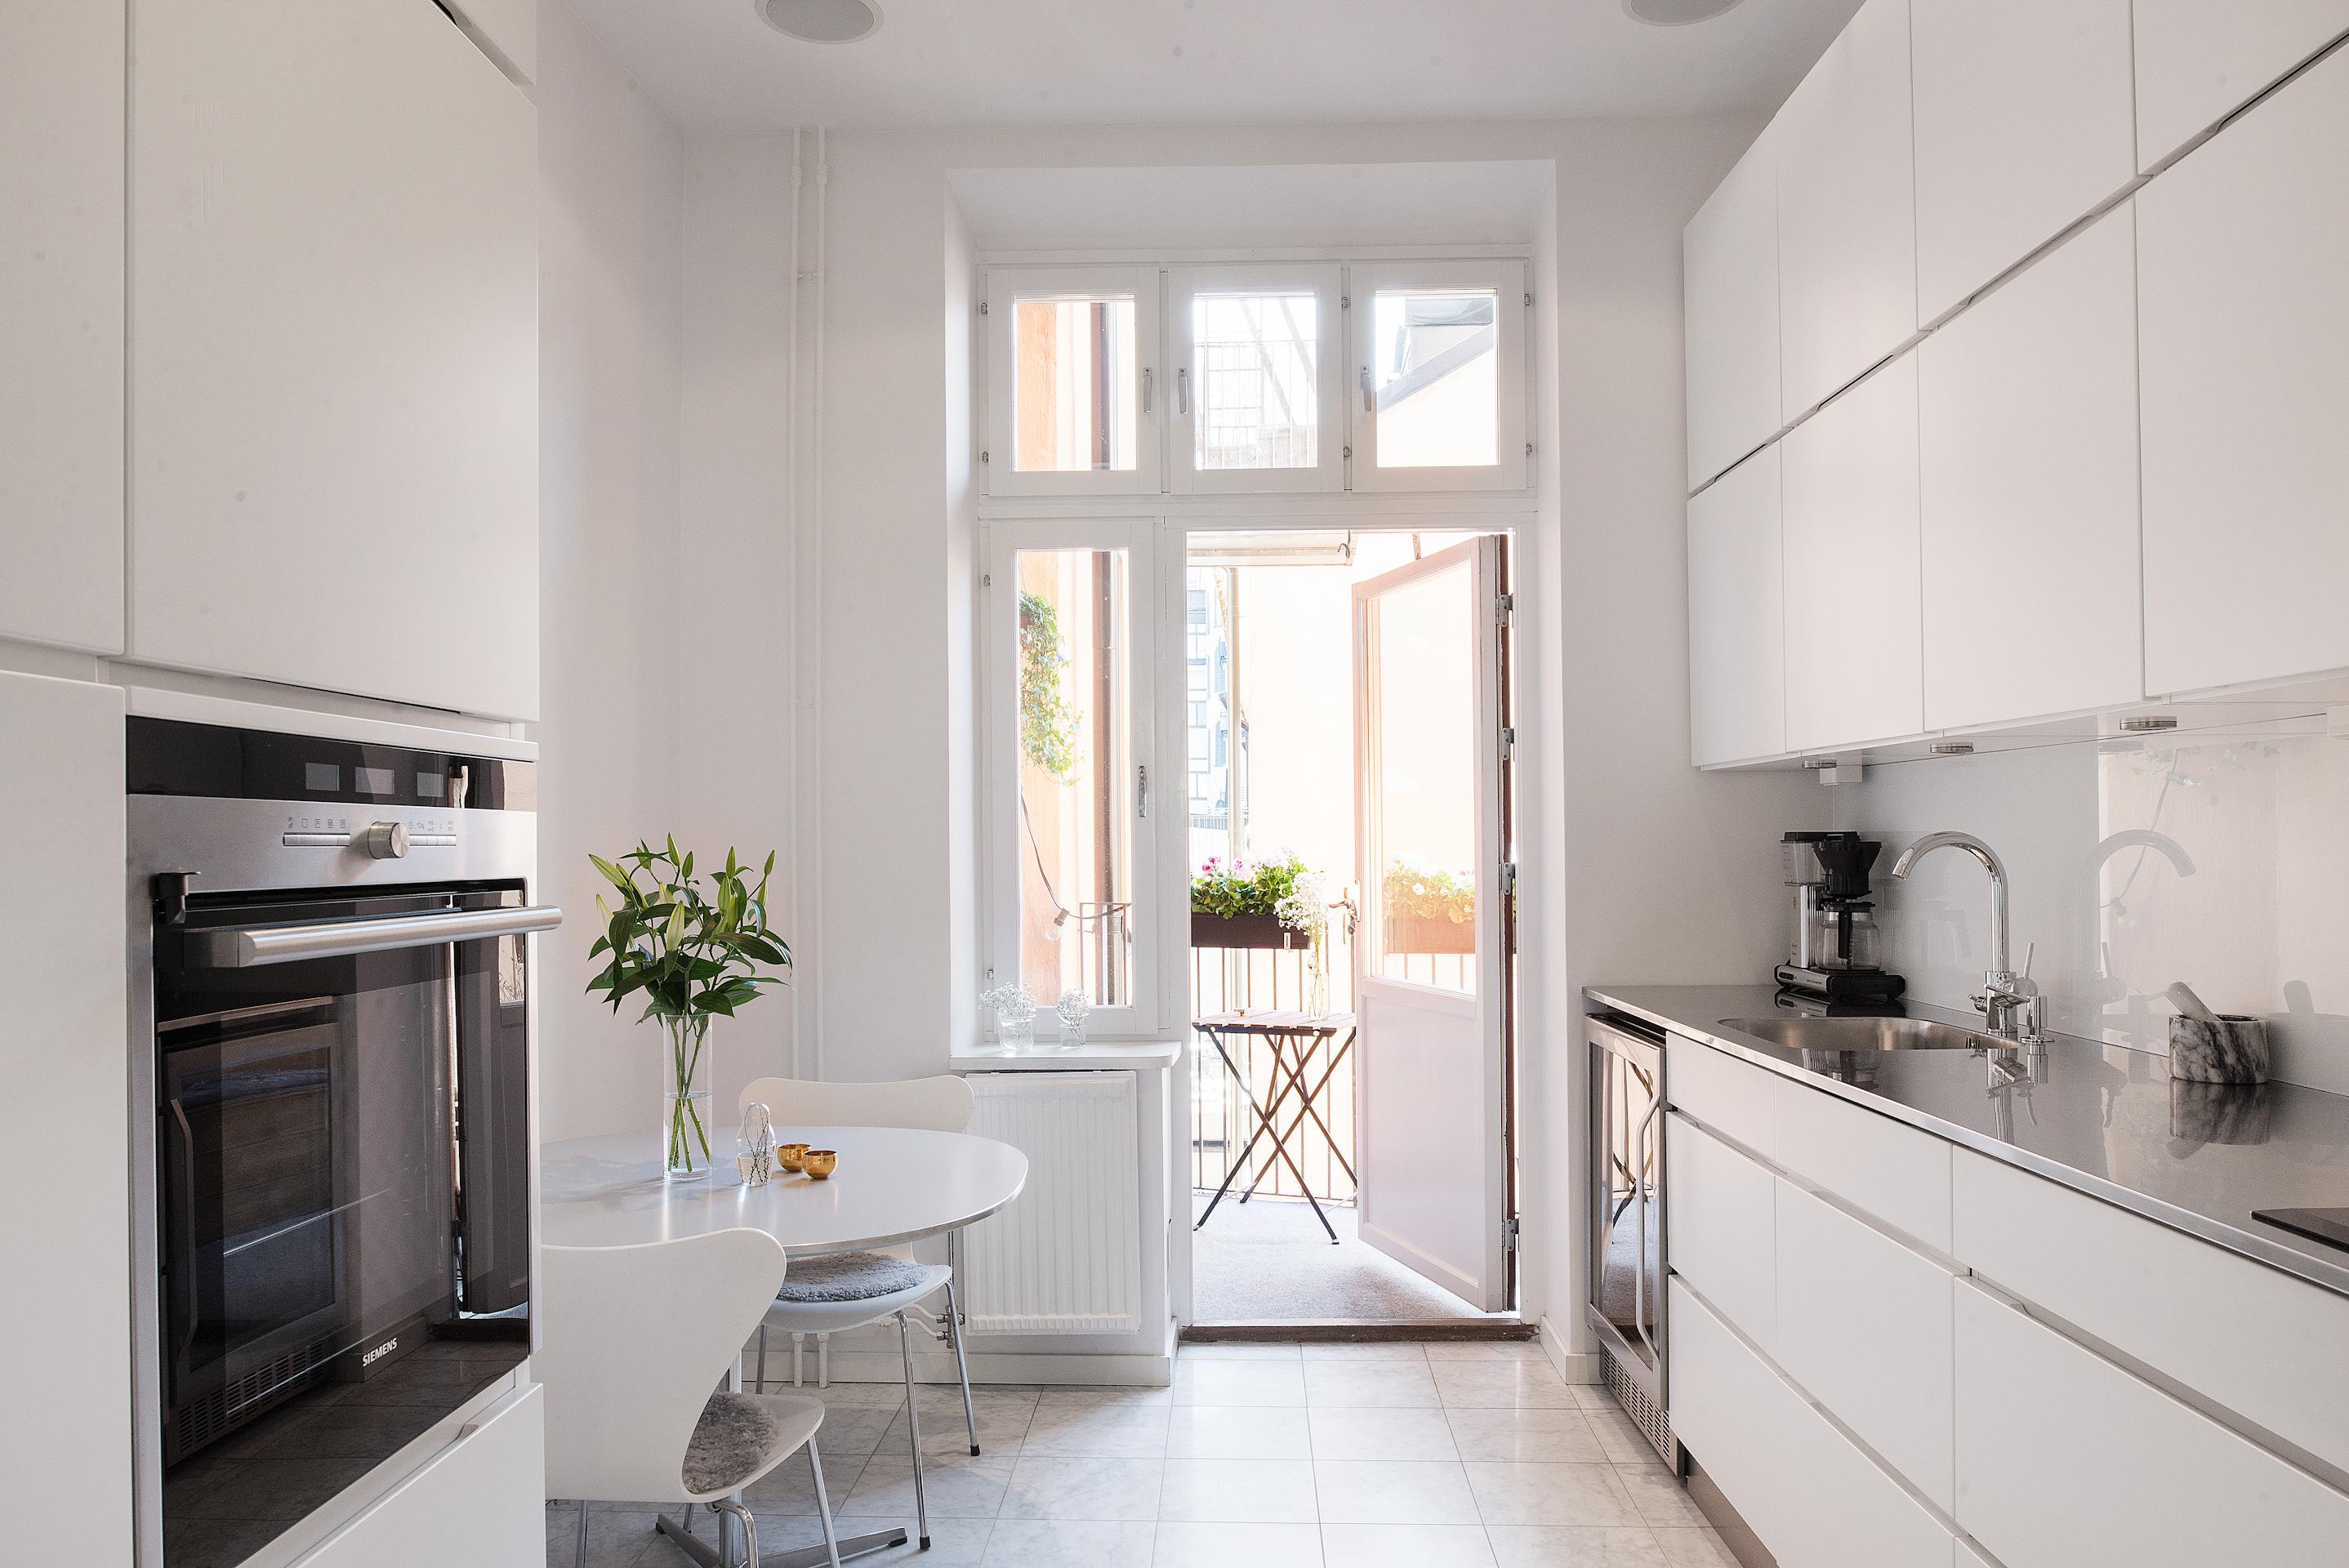 Piso elegante y moderno con elementos originales blog for Decoracion de pisos modernos